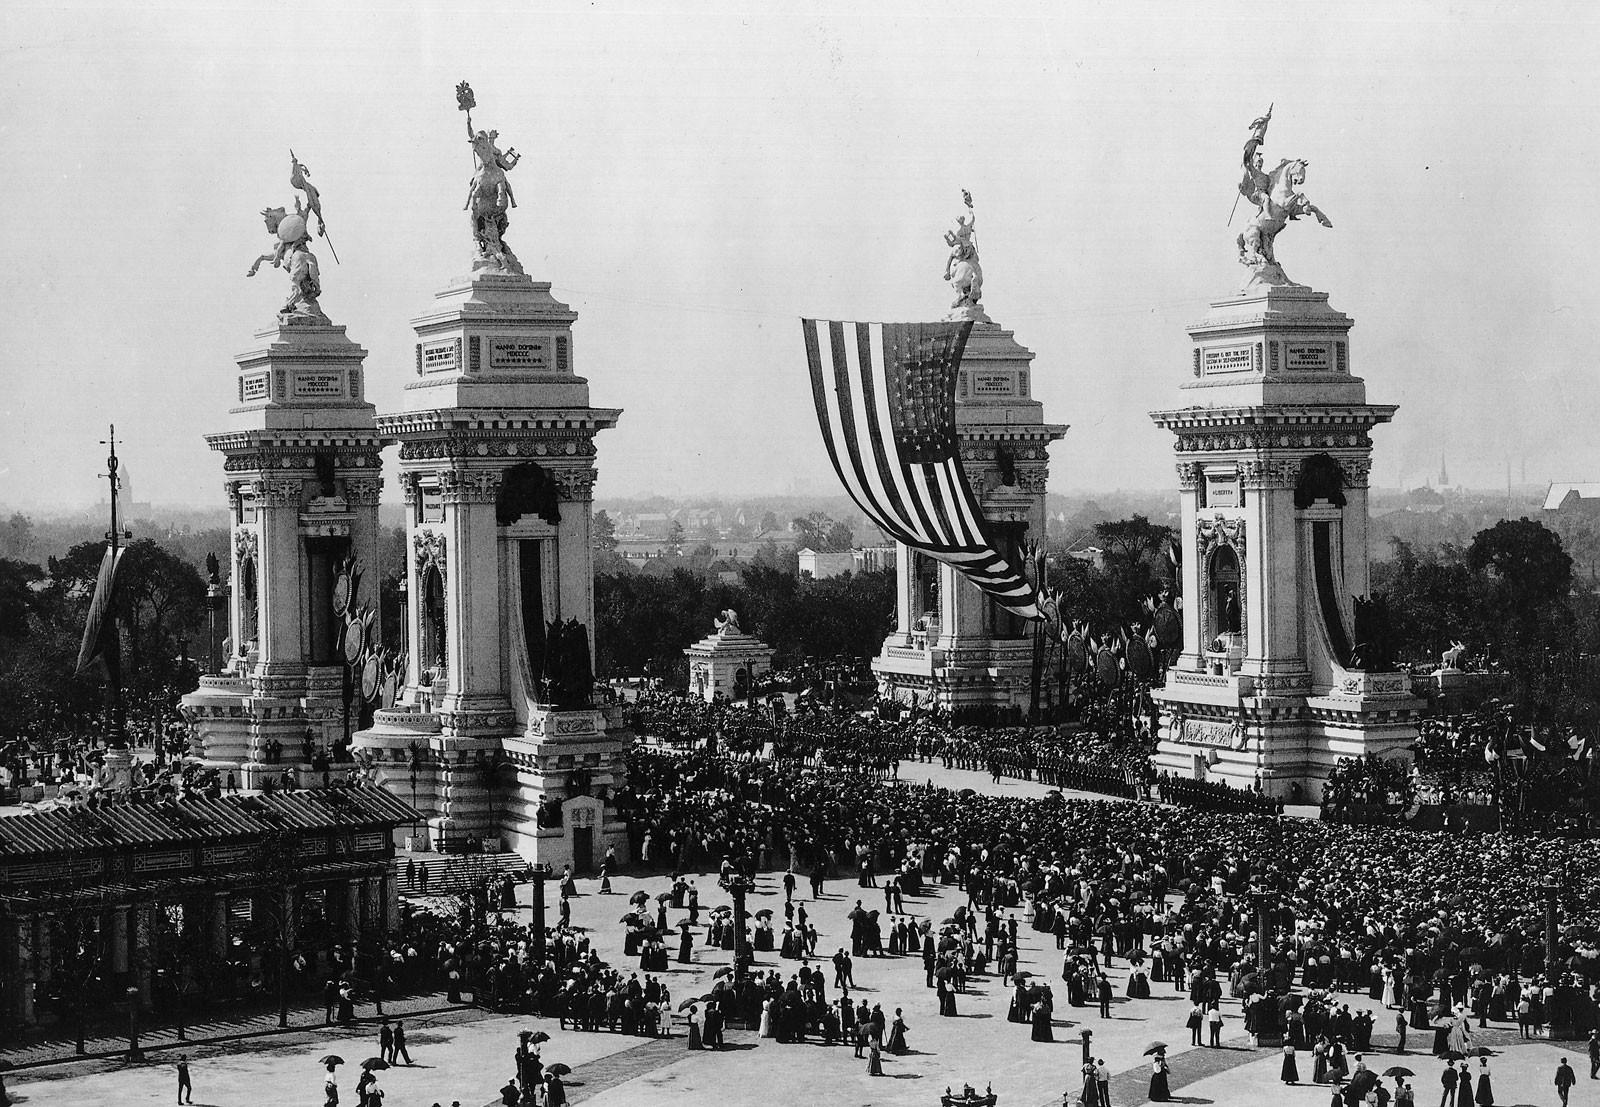 1901. Buffalo, USA. Pánamerikai kiállítás..jpg